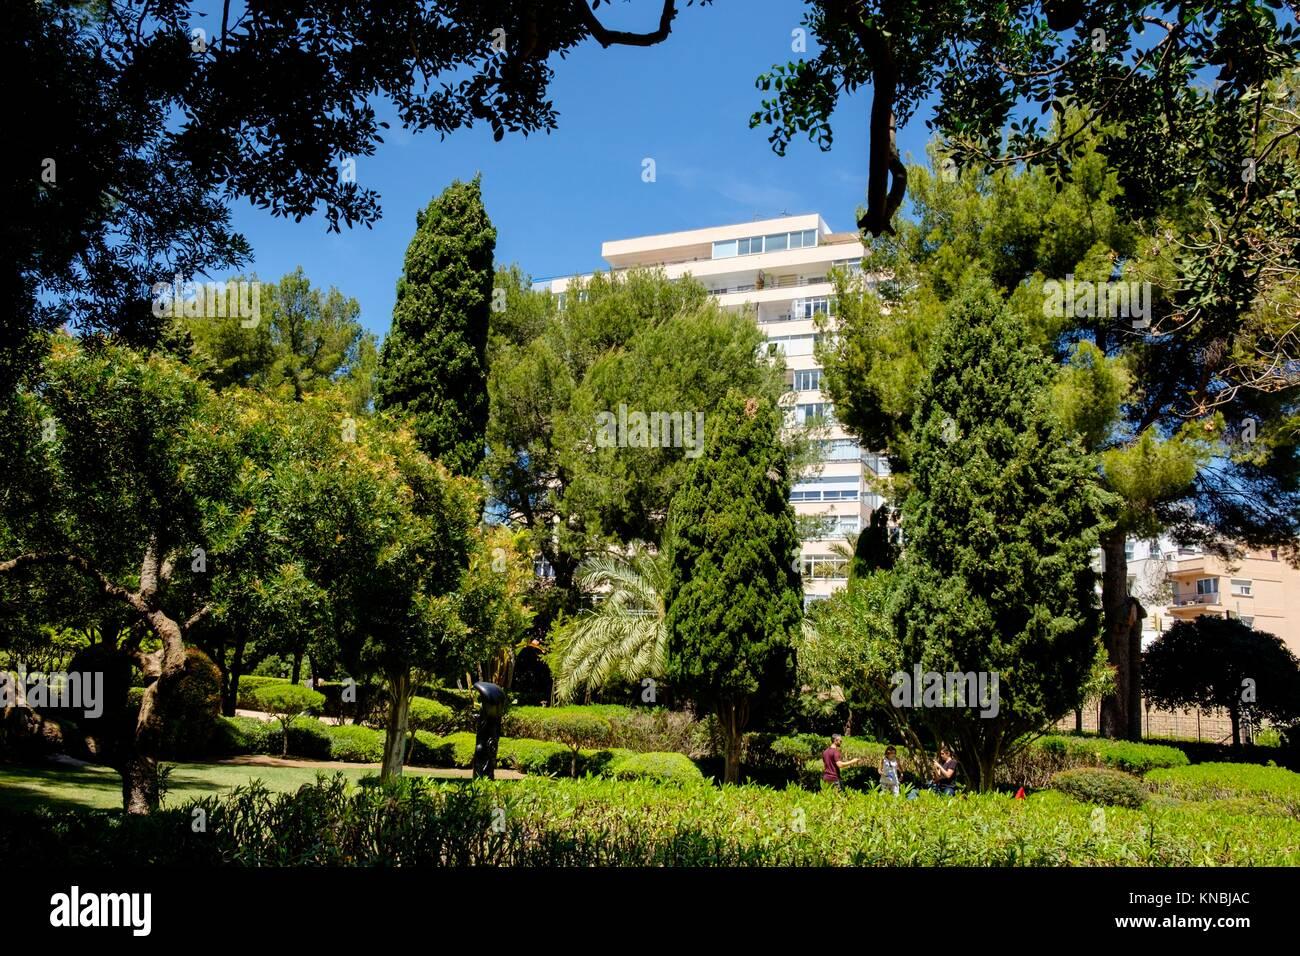 Residencia mallorca stock photos residencia mallorca for Jardines de marivent